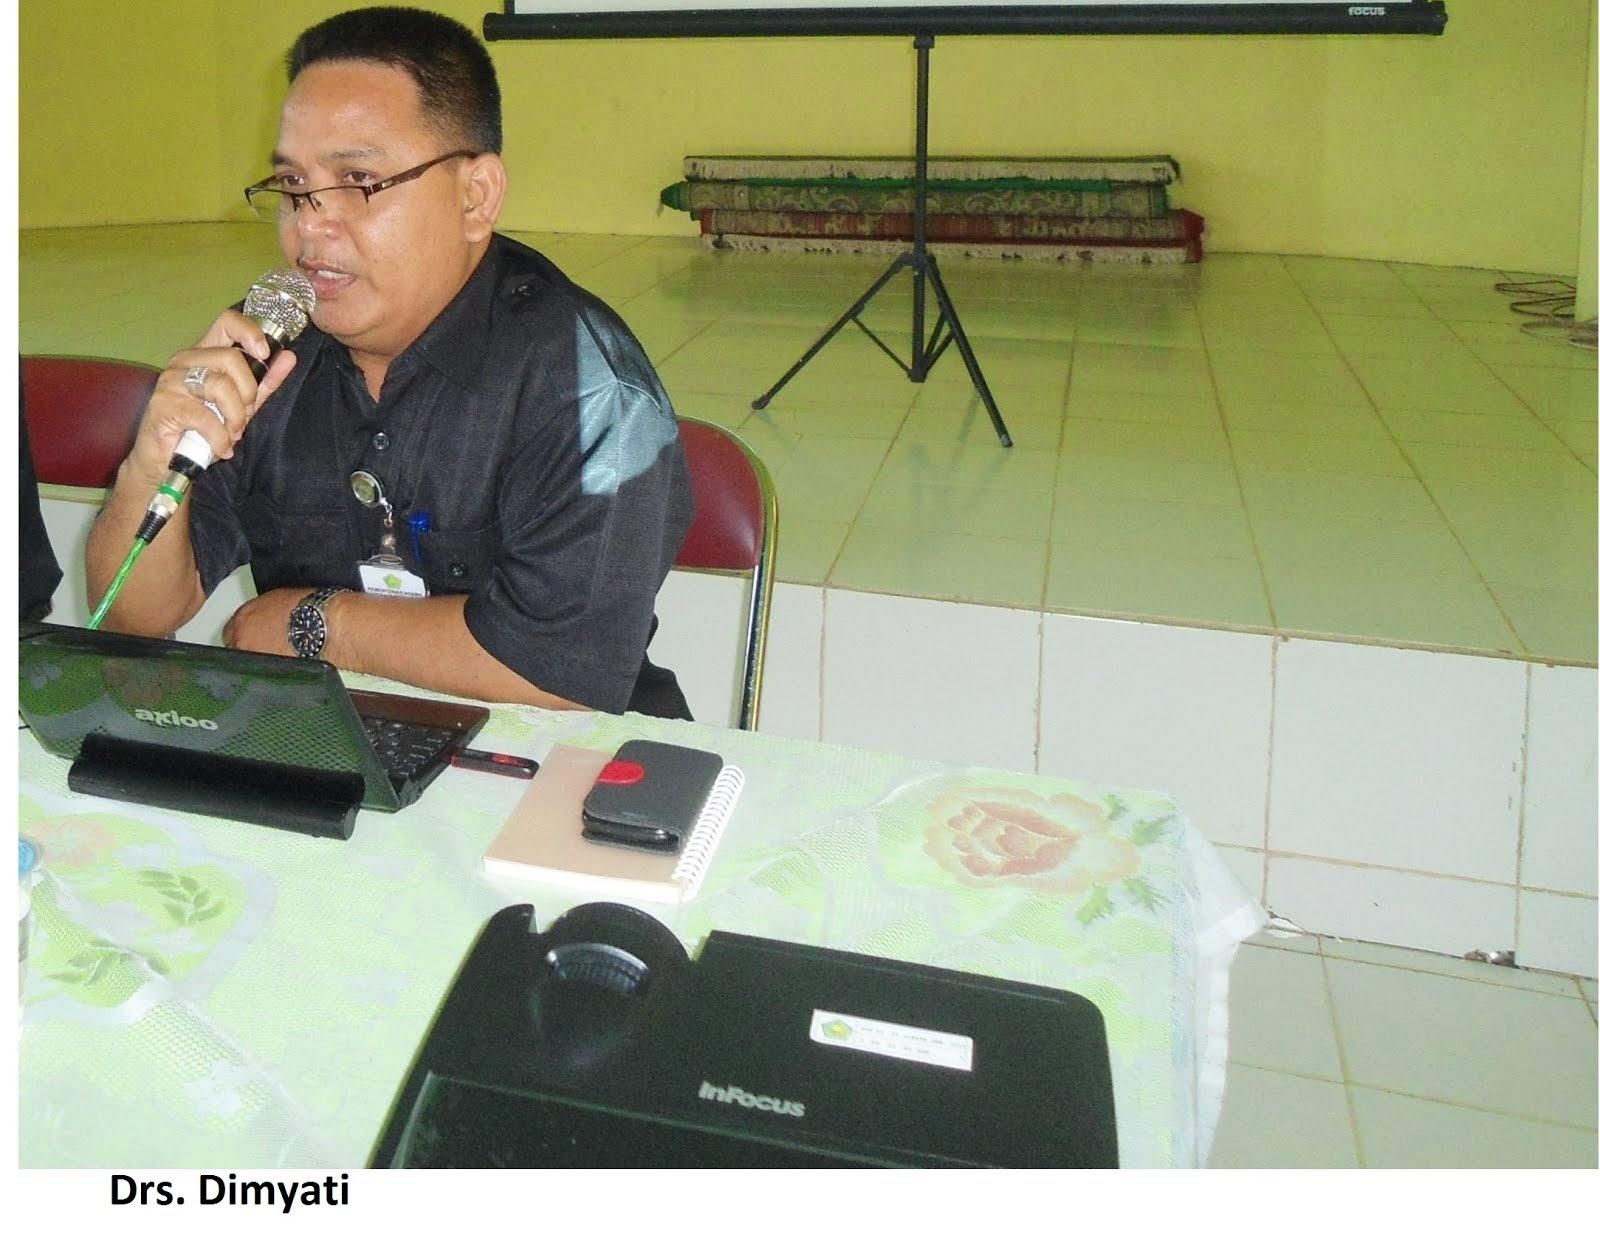 Drs. Dimyati